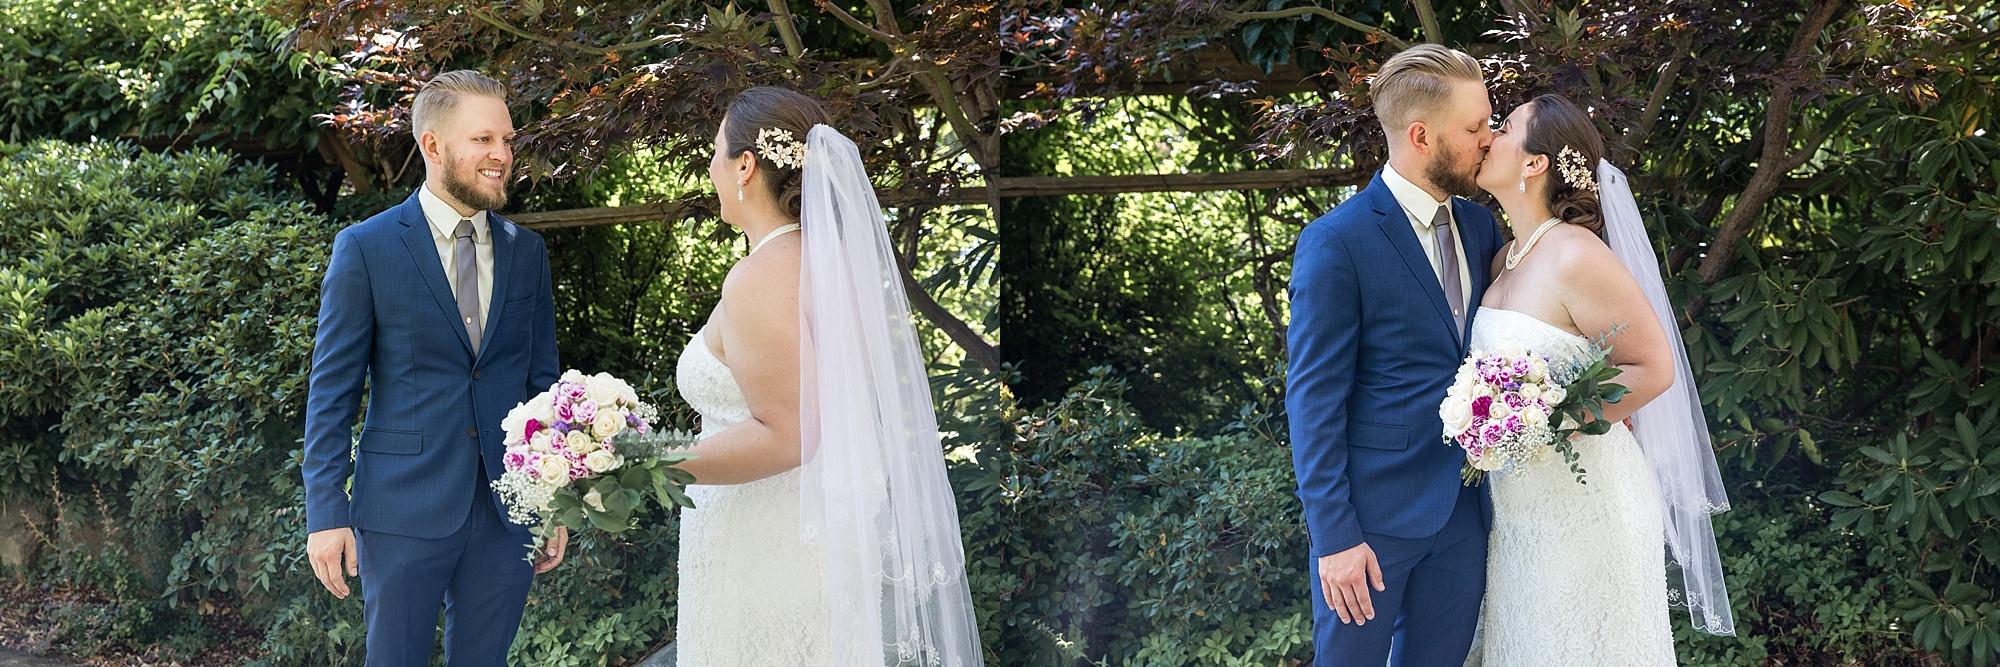 nakusp-wedding-photographer_0012.jpg